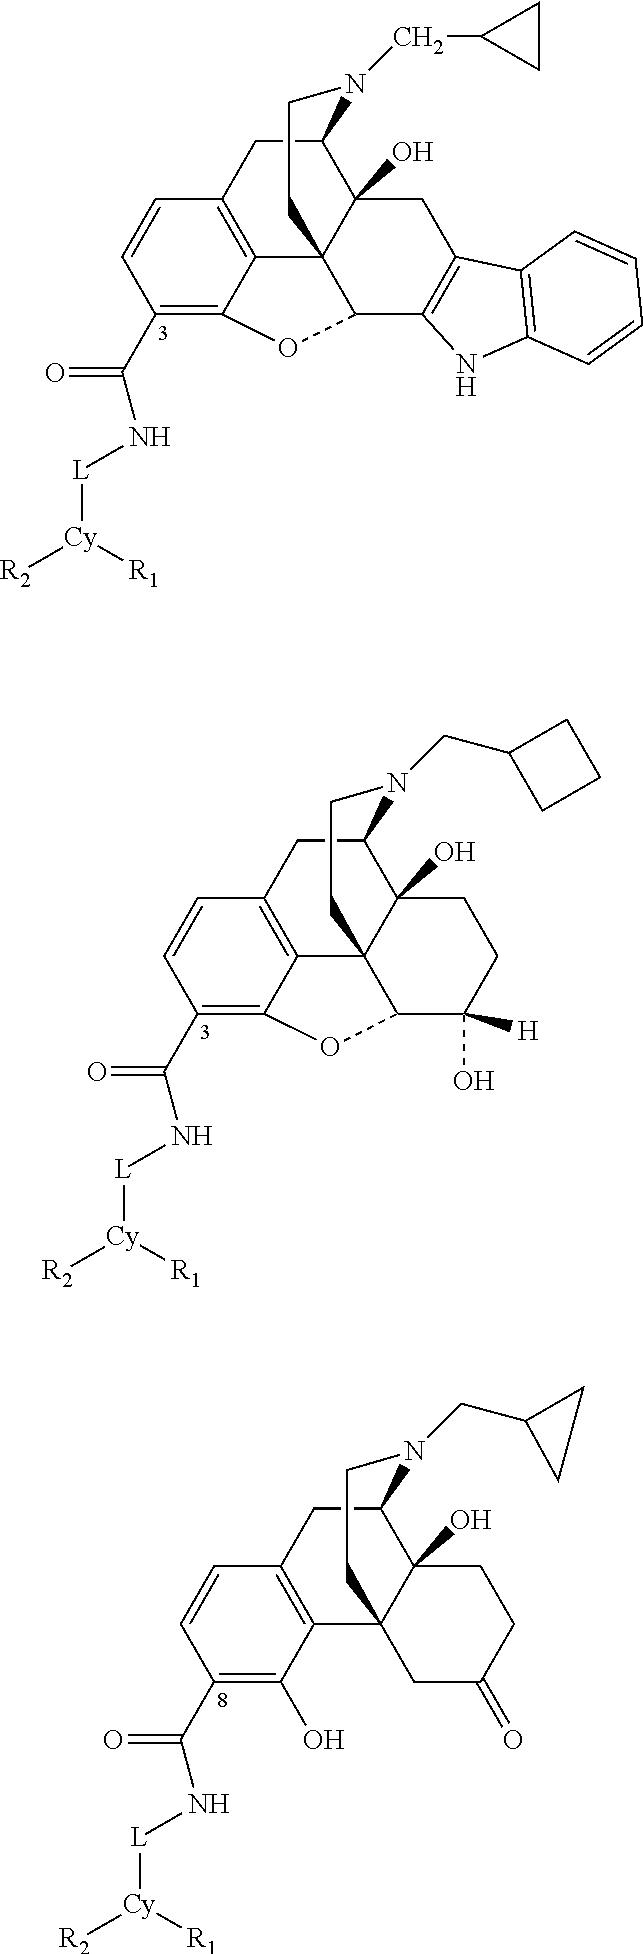 Figure US08957085-20150217-C00088